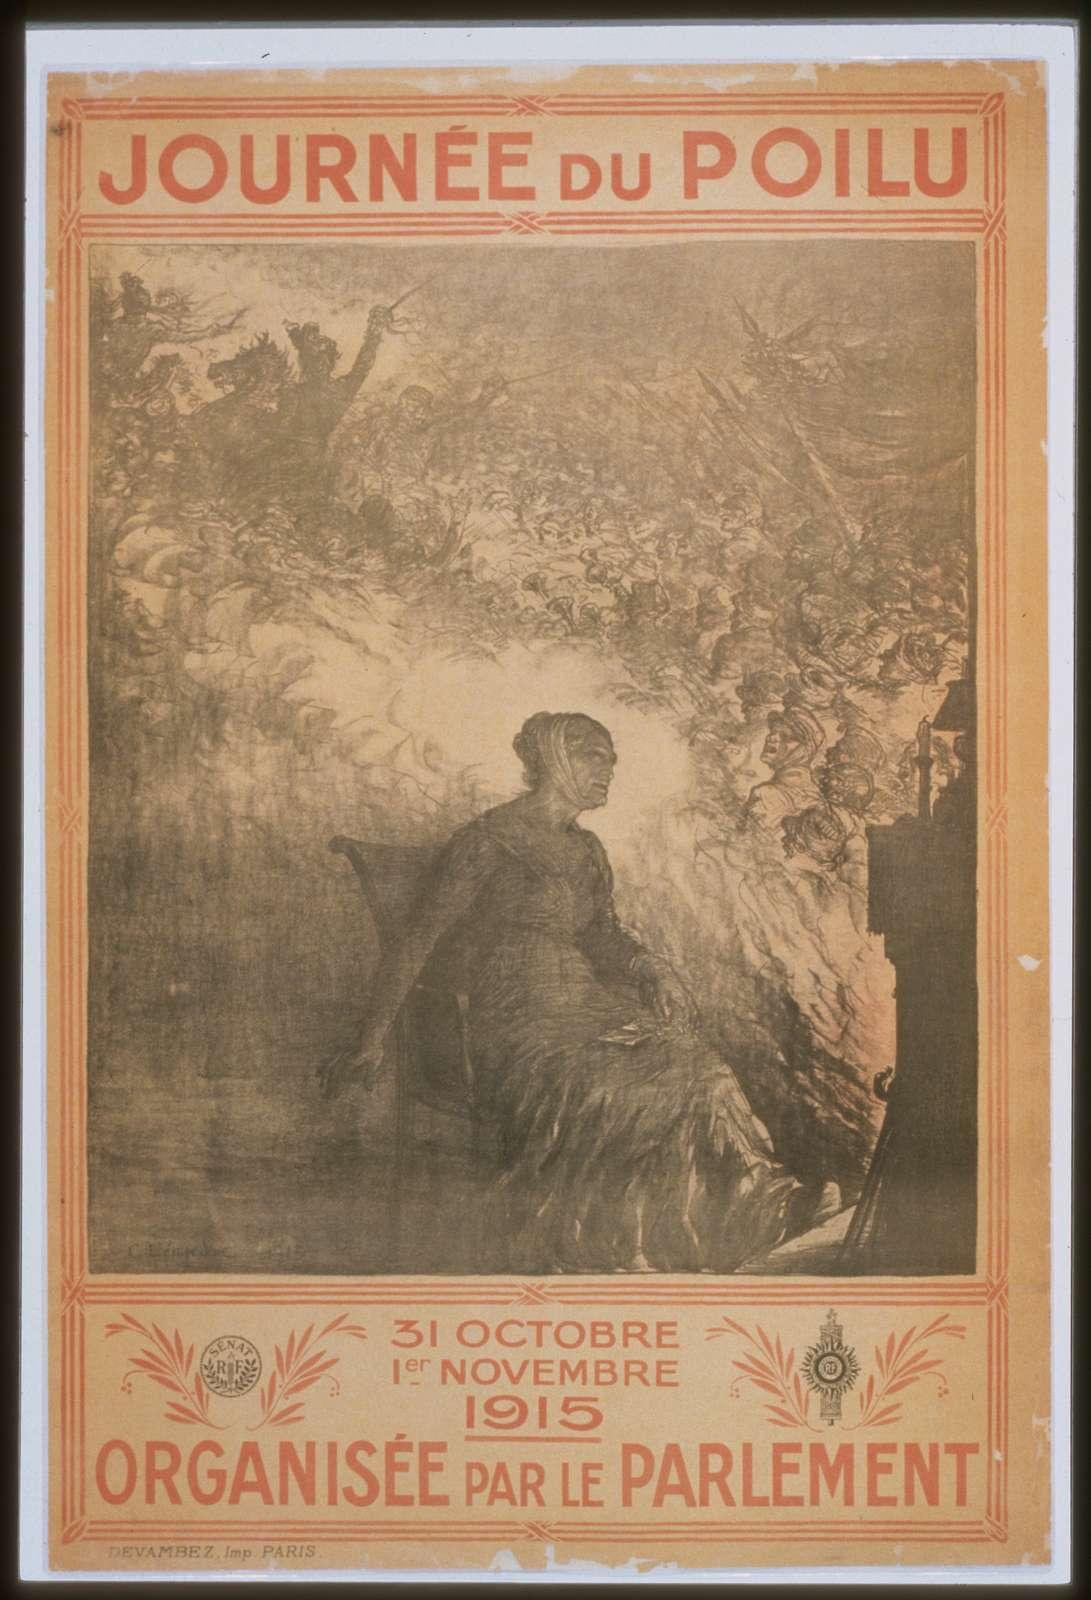 Journée du Poilu. 31 octobre - 1er novembre 1915. Organisée par le parlement